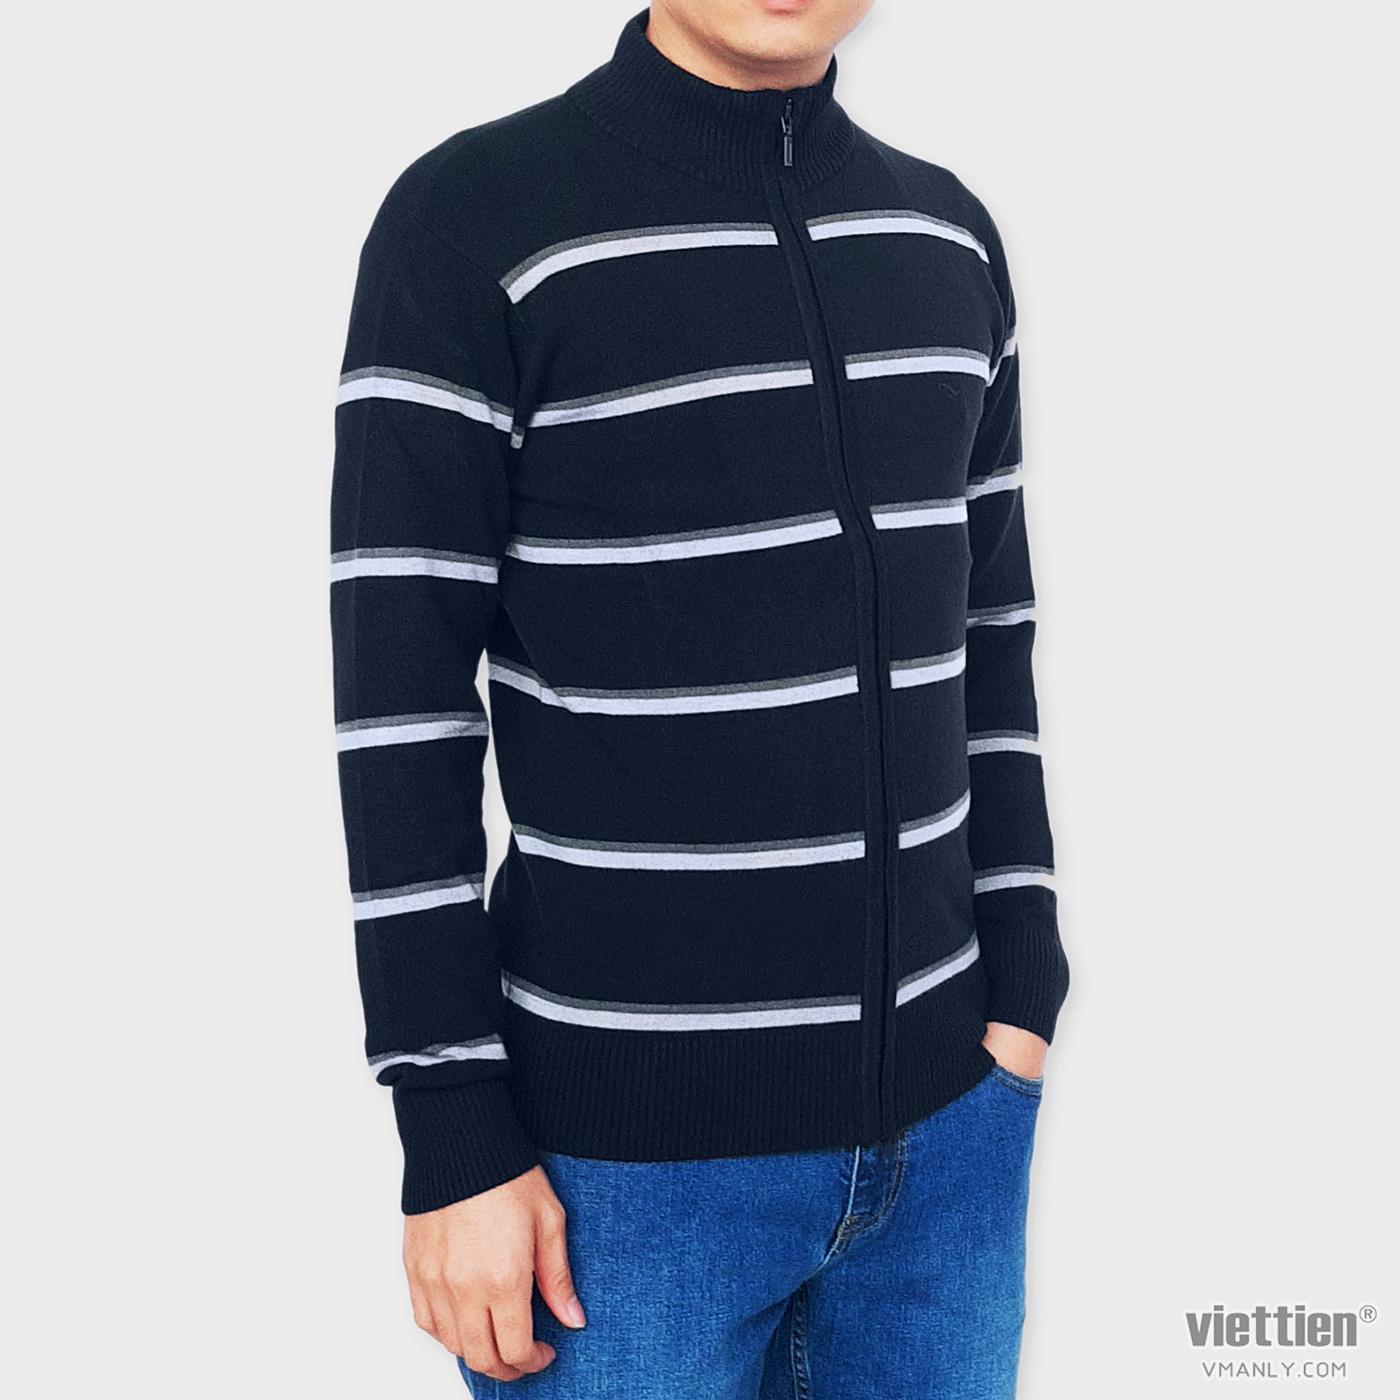 Áo khoác len Việt Tiến cổ cao 6 phân màu xanh sọc ngang 6E9011CH4/LK